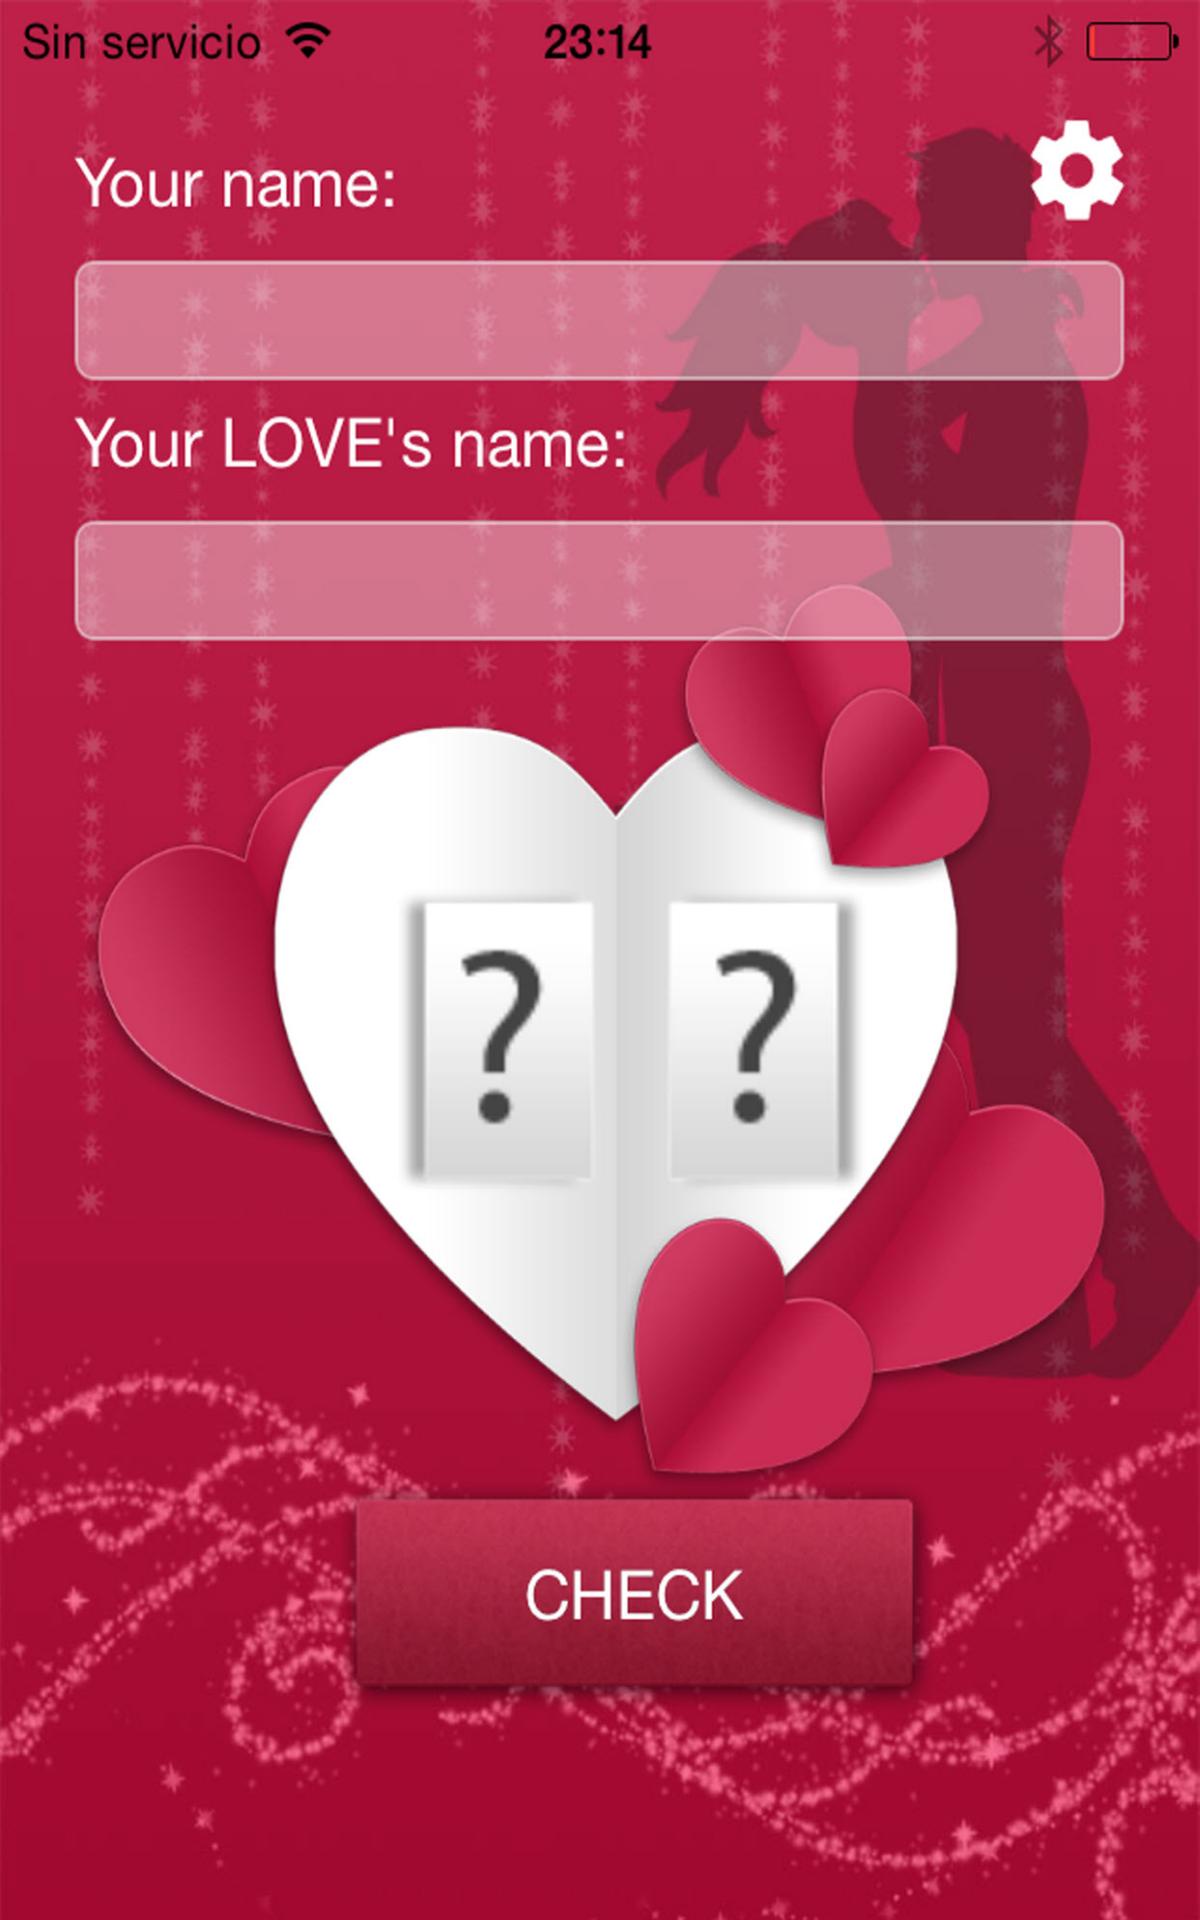 Prueba de amor - Calculadora: Amazon.es: Appstore para Android